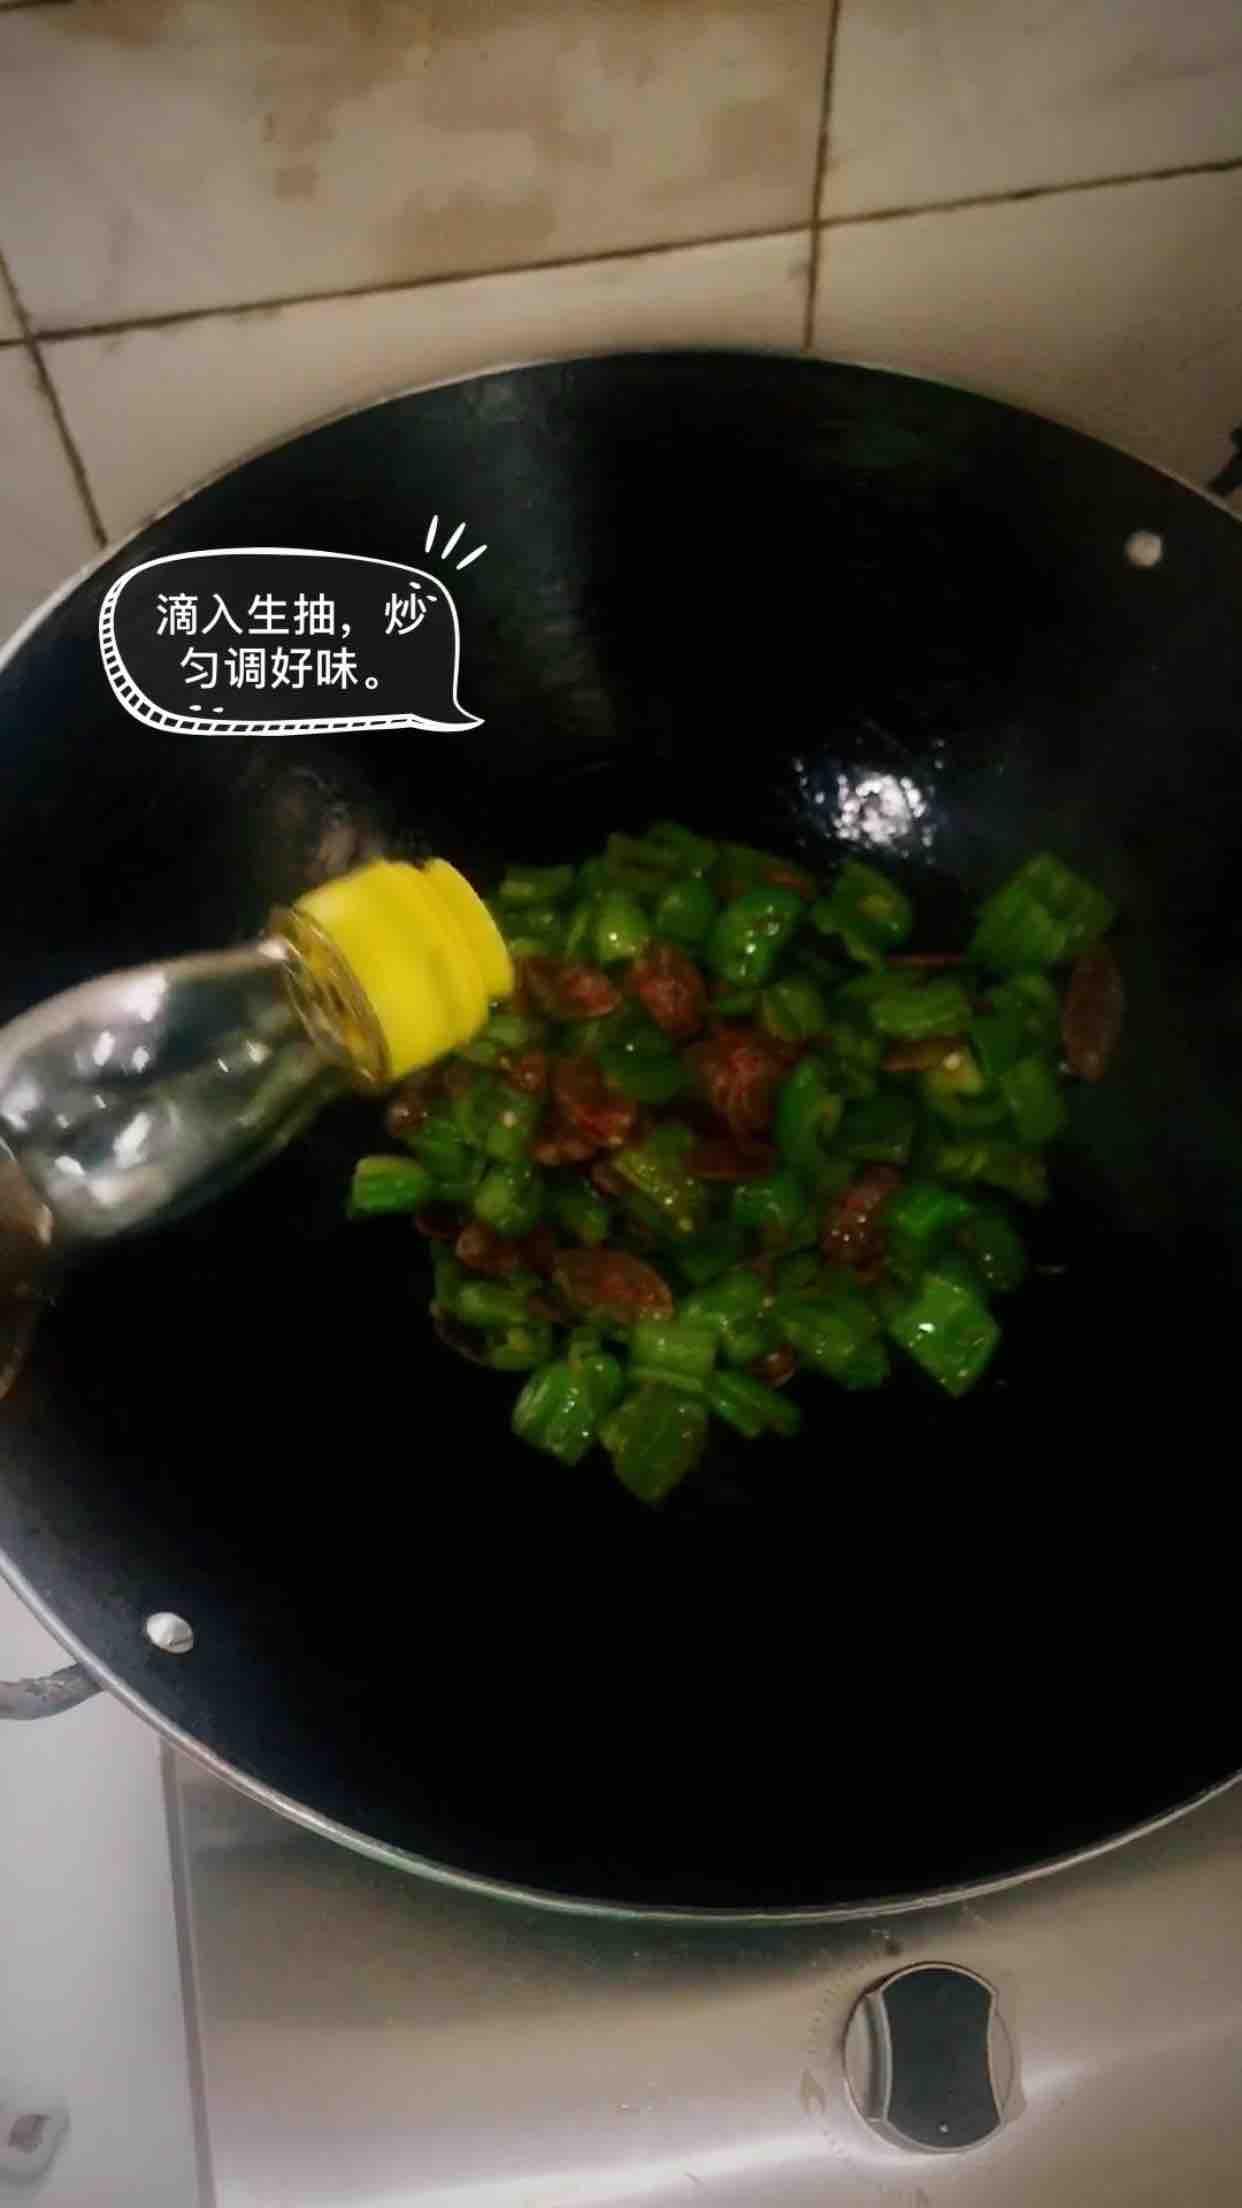 青椒炒香肠怎么炖